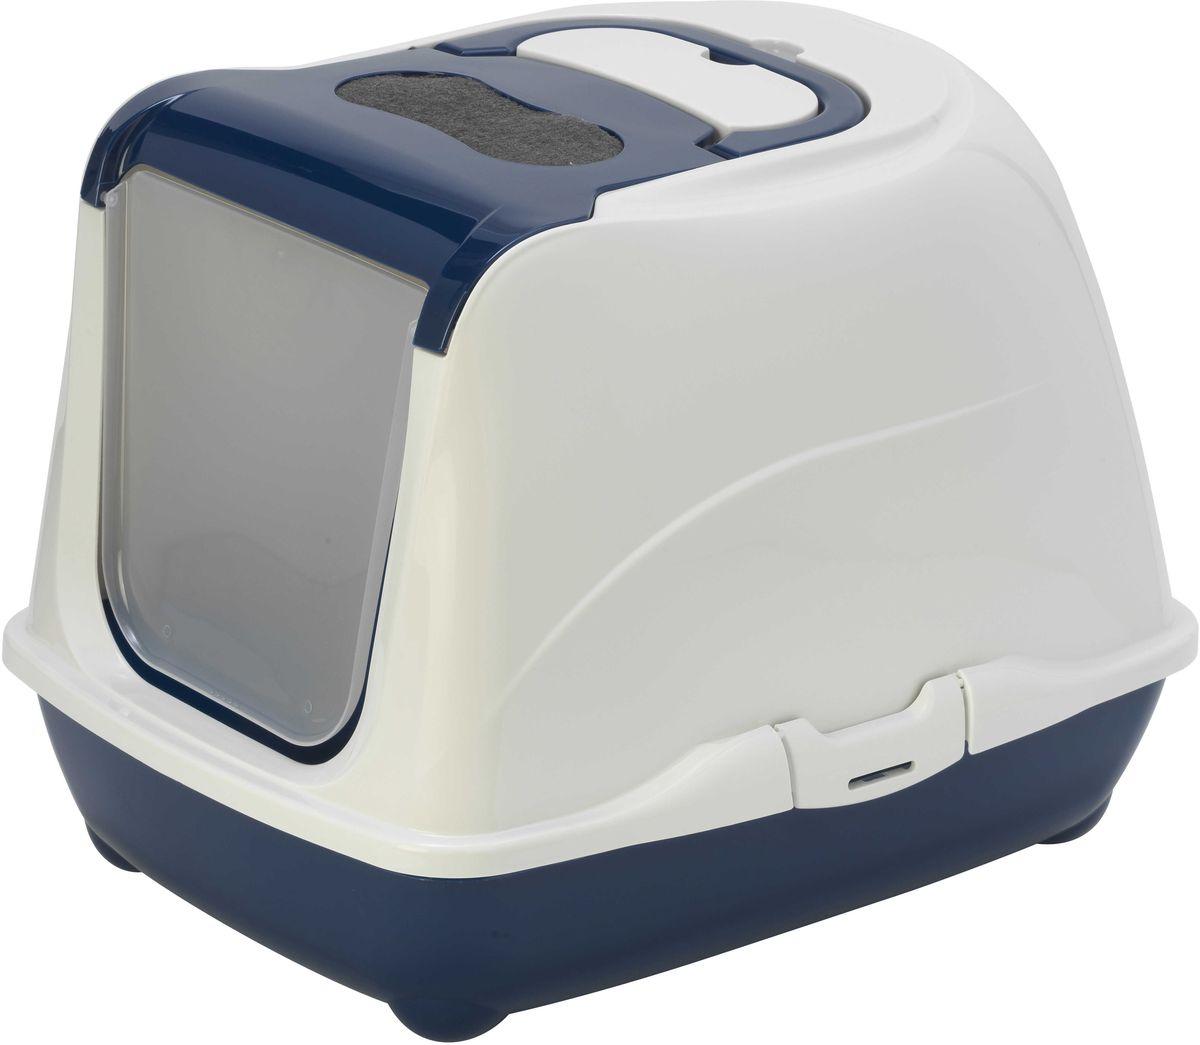 Туалет для кошек Moderna Flip Cat, закрытый, цвет: черника, 39 х 50 х 37 см0120710Закрытый туалет для кошек Flip Cat выполнен из высококачественного пластика. Туалет оснащен прозрачной открывающейся дверцей, сменным фильтром и удобной ручкой для переноски. Такой туалет избавит ваш дом от неприятного запаха и разбросанных повсюду частичек наполнителя. Кошка в таком туалете будет чувствовать себя увереннее, ведь в этом укромном уголке ее никто не увидит. Кроме того, яркий дизайн с легкостью впишется в интерьер вашего дома. Туалет легко открывается для чистки благодаря практичным защелкам по бокам.